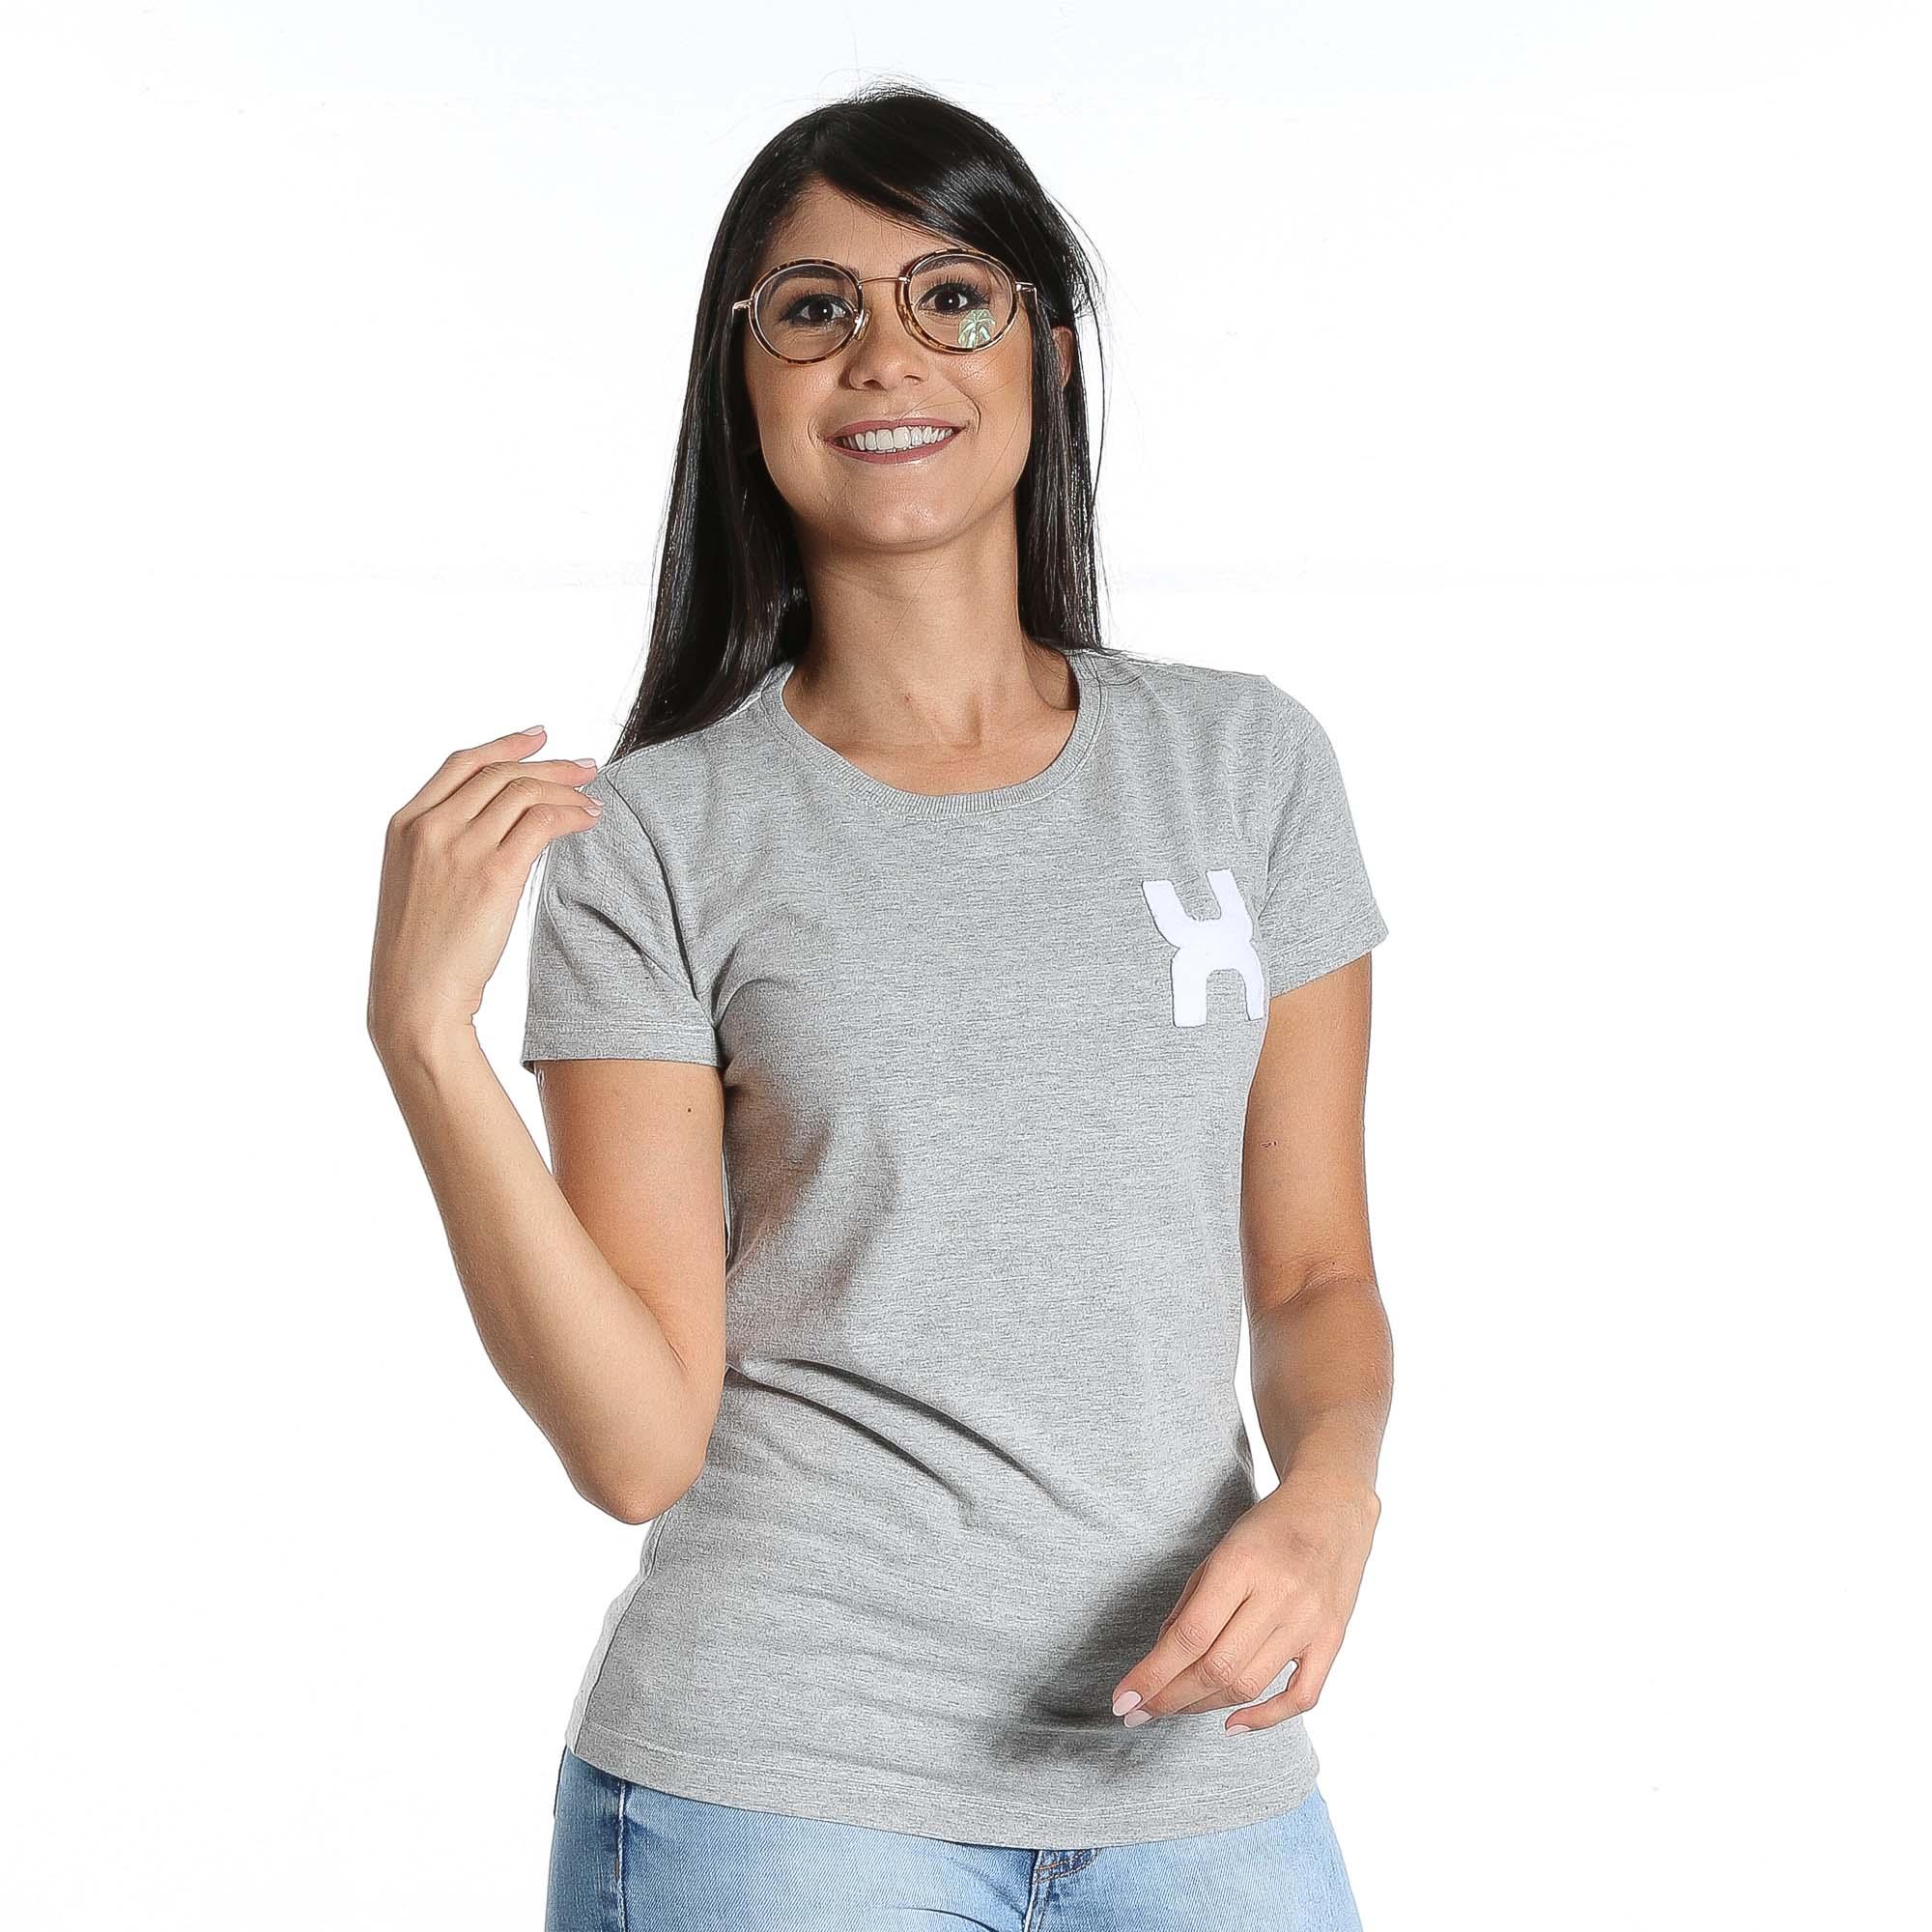 Camiseta Feminina TXC 4385